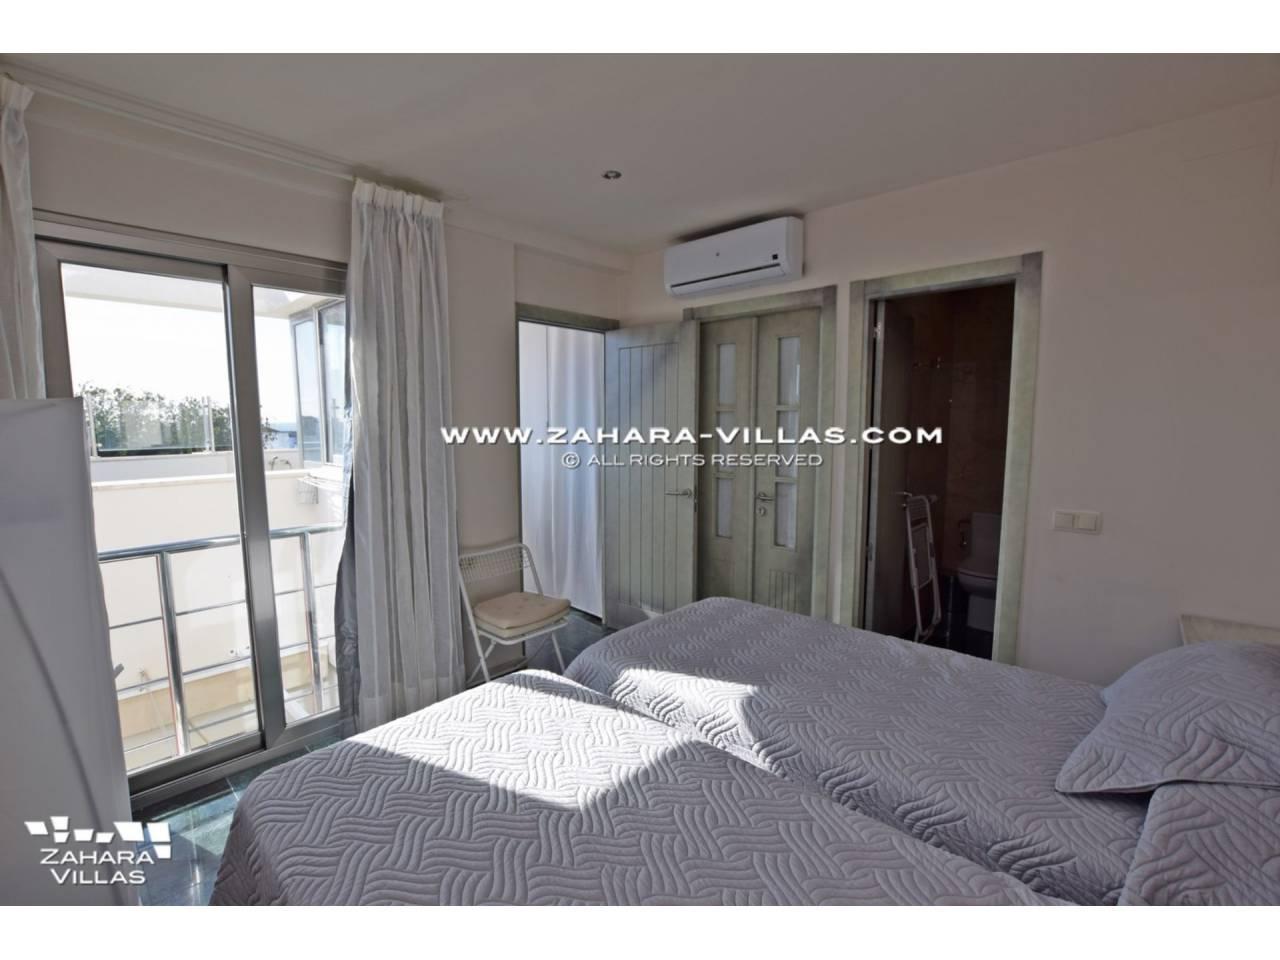 Imagen 9 de House for sale in Zahara de los Atunes